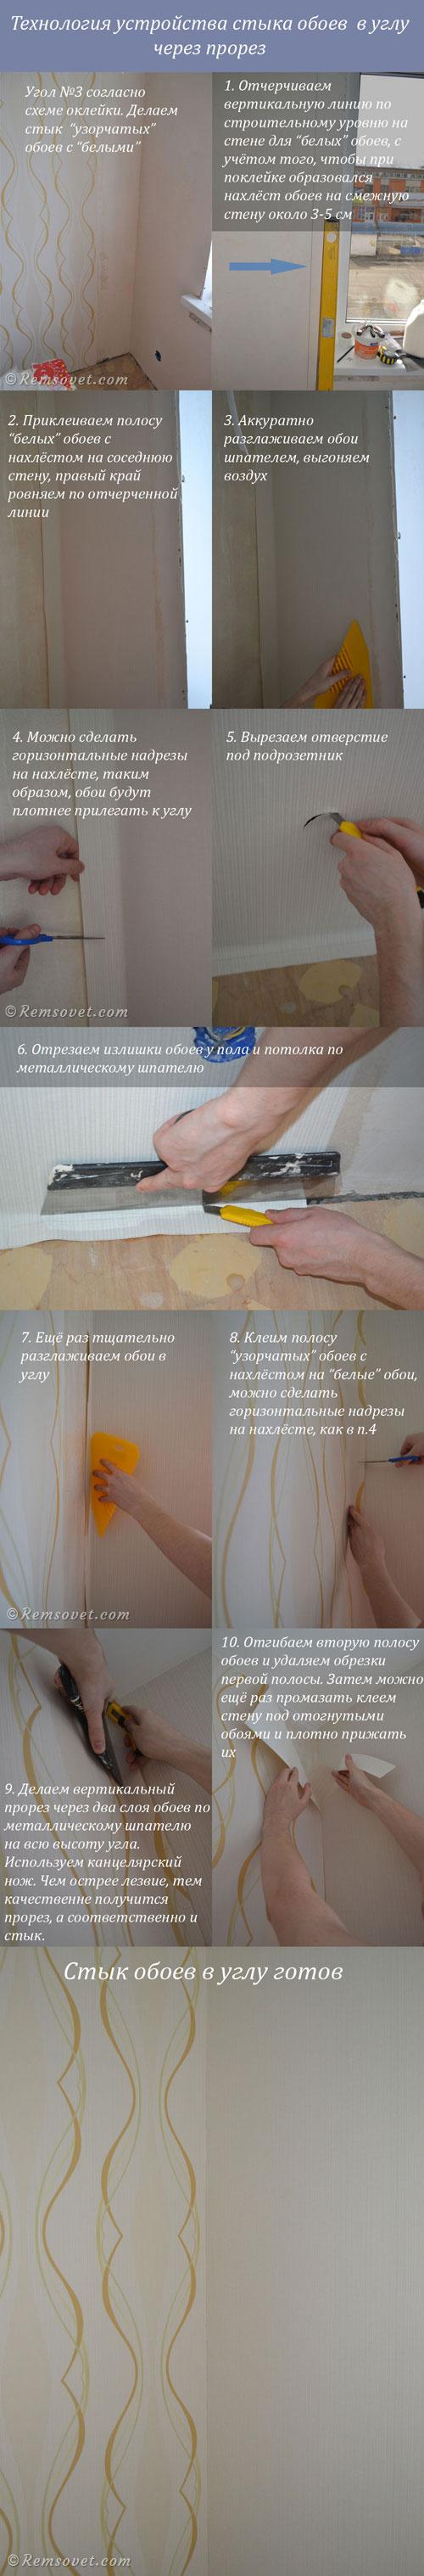 Стыковка комбинированных обоев в углу комнаты, последовательность оклейки стен обоями